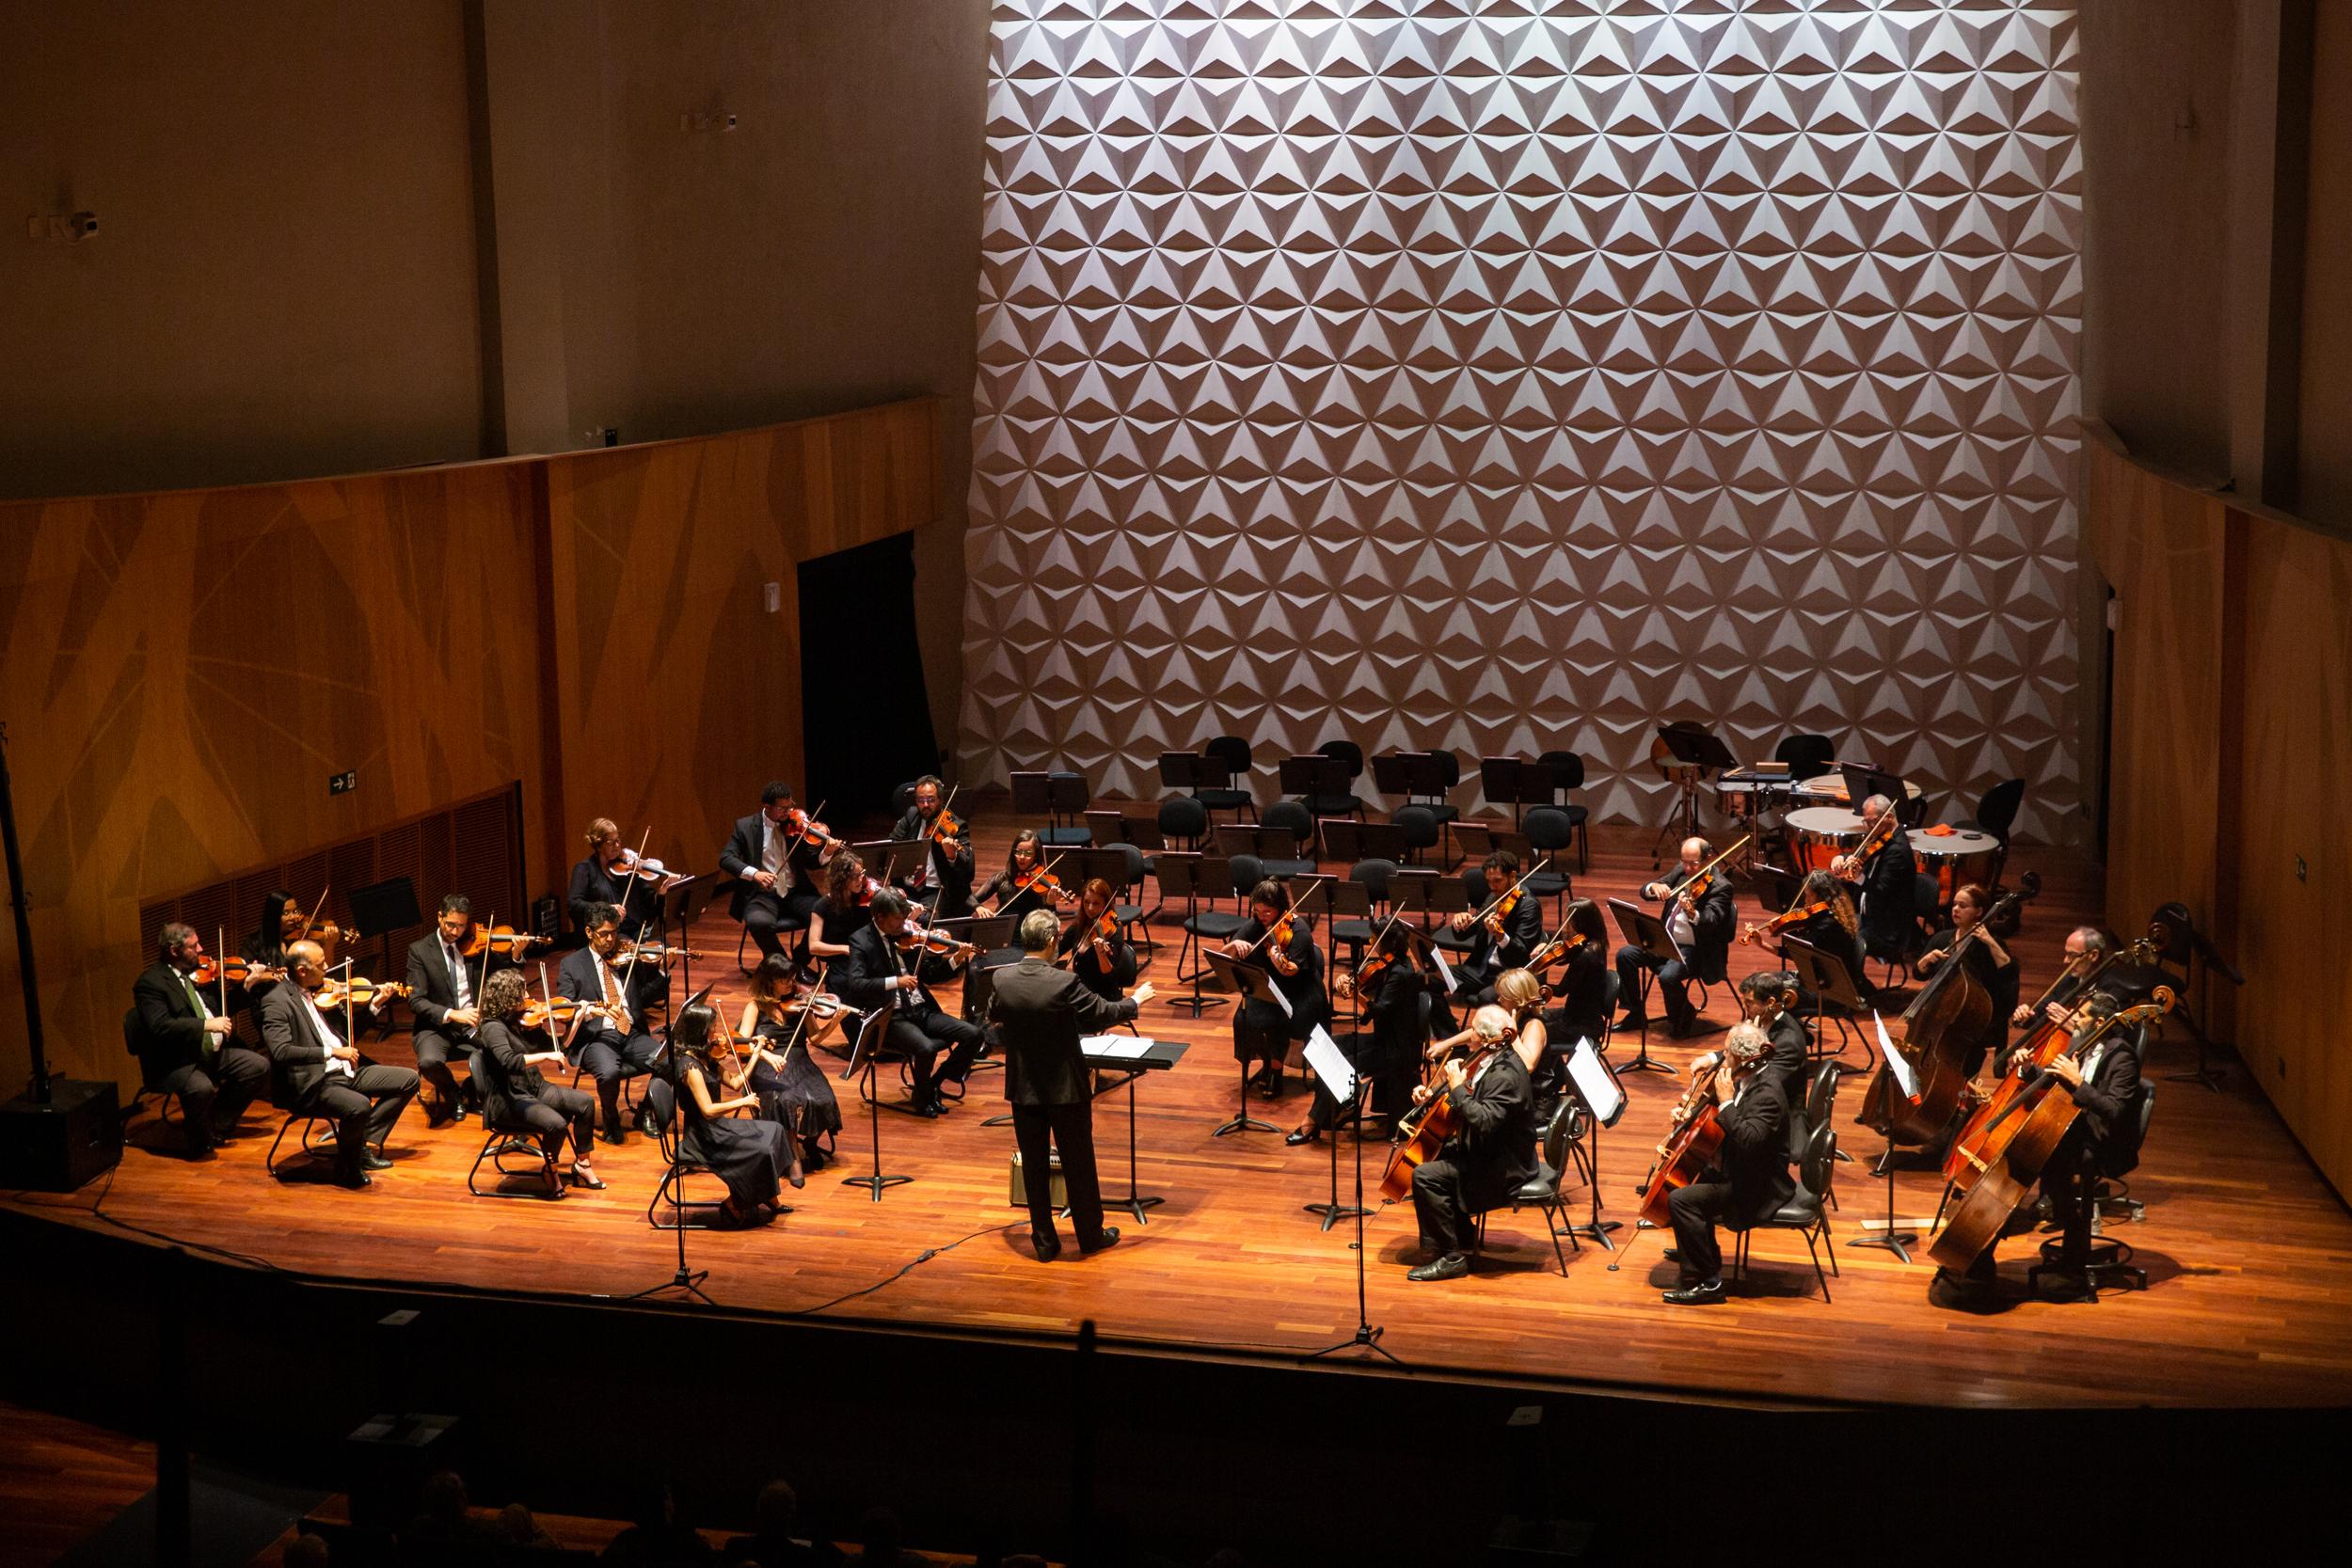 Orquestra Sinfônica da UFRJ no palco da Sala Cecilia Meireles